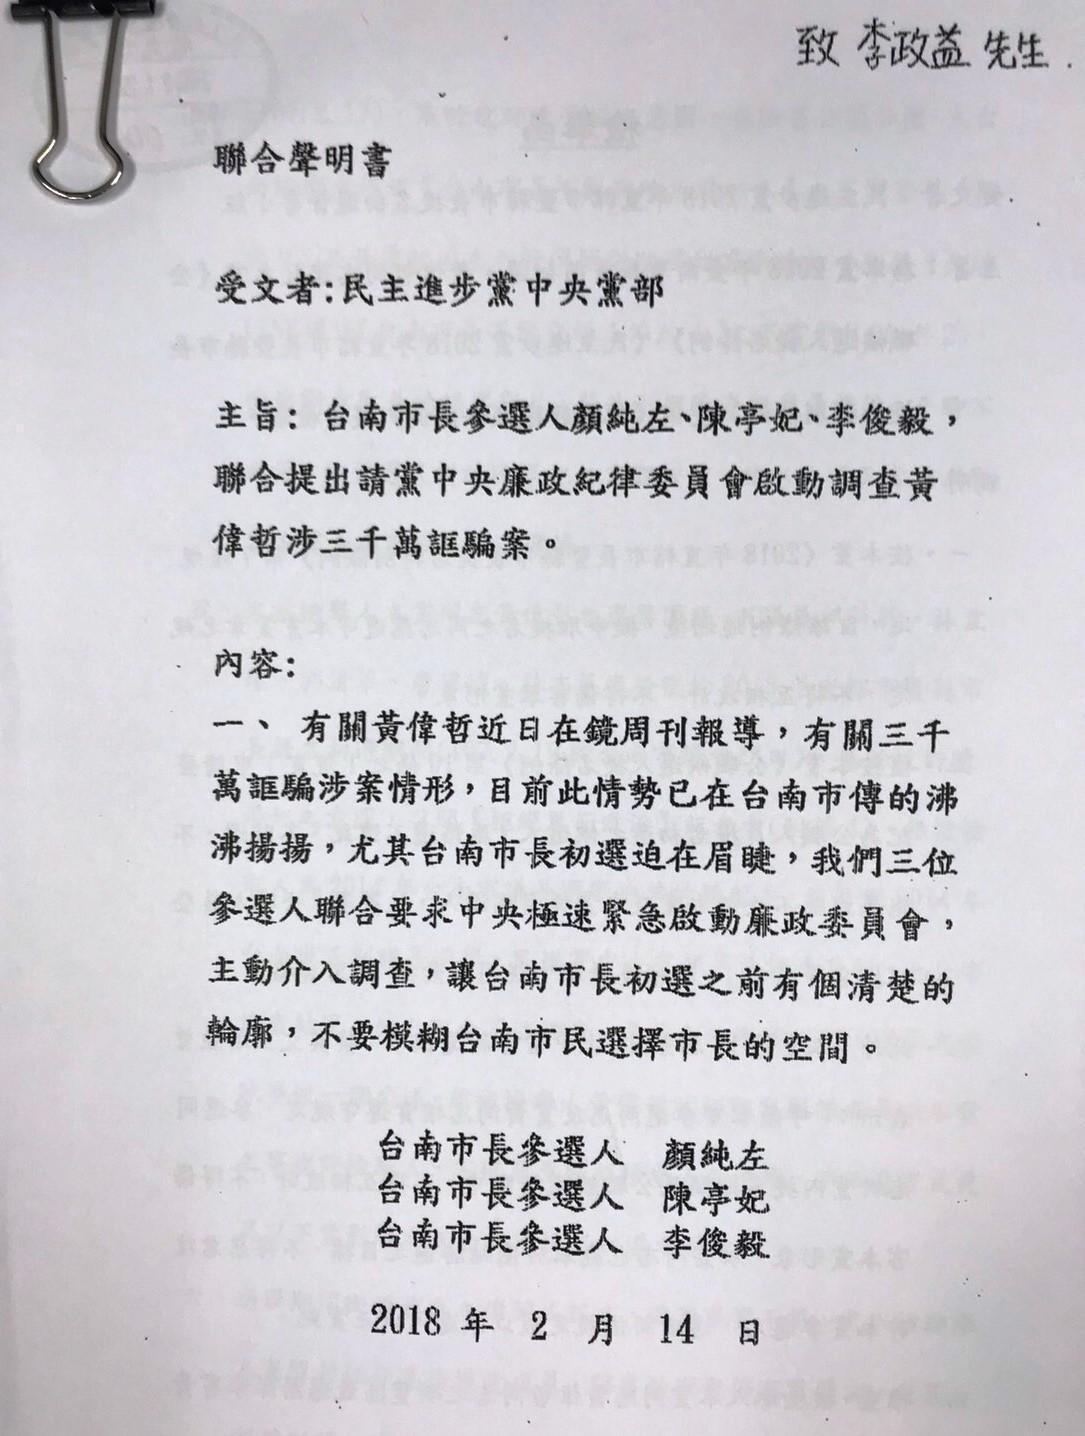 民進黨立委陳亭妃今在中常會中出示2月發文,要求民進黨廉政委員會調查黃偉哲被控詐騙案。(陳亭妃提供)